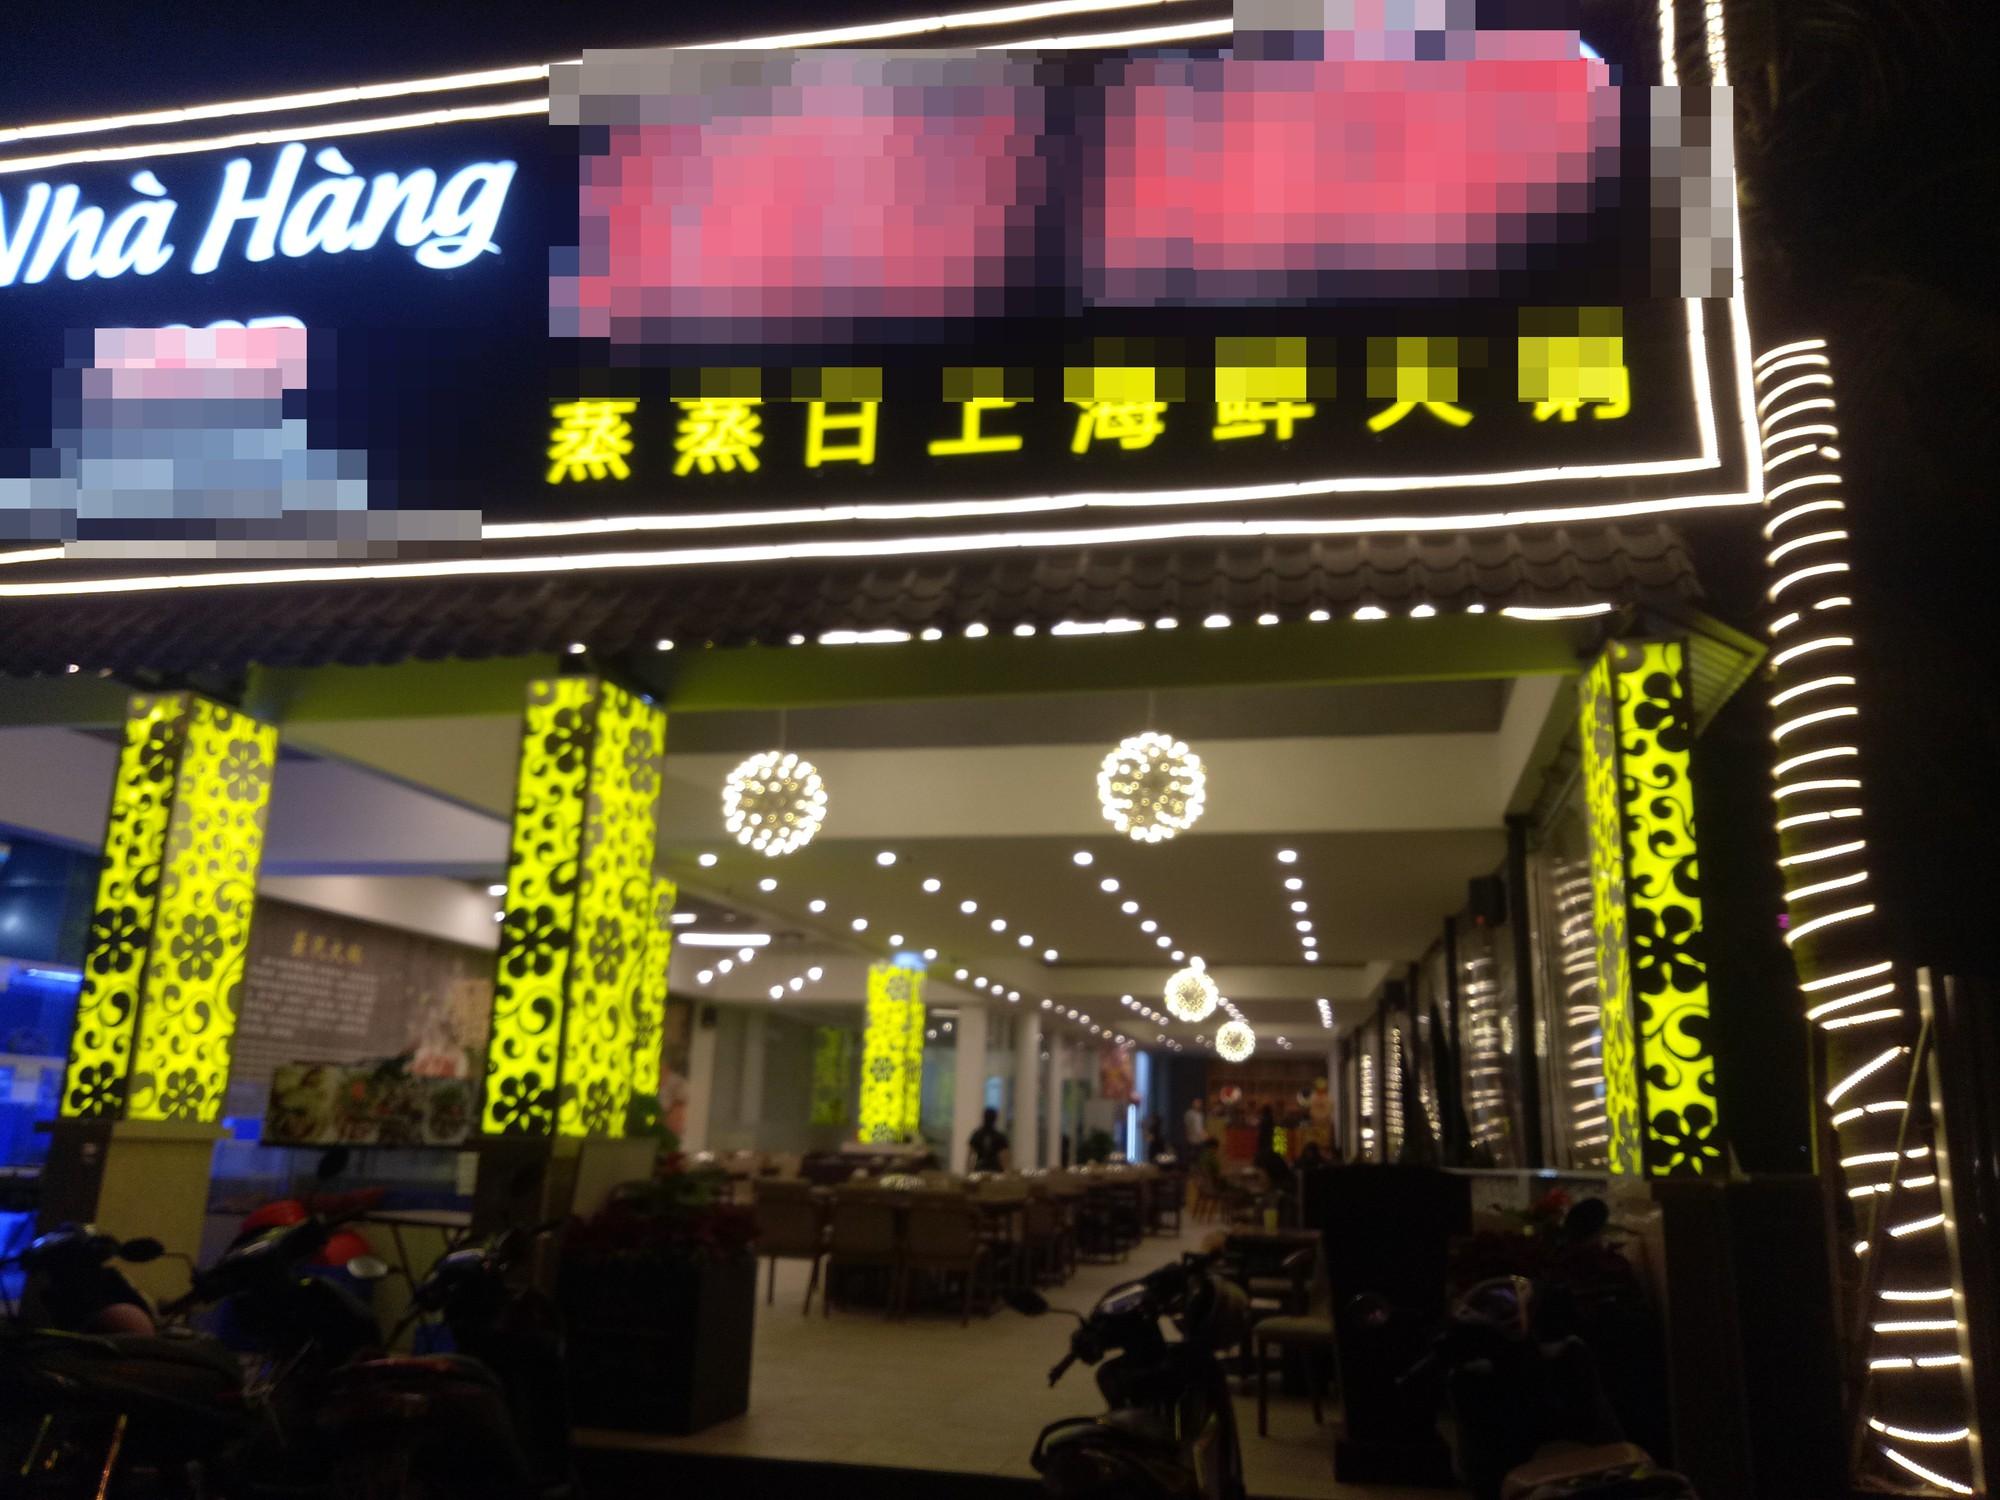 Du khách tố nhà hàng ở Đà Nẵng chặt chém, đưa hóa đơn toàn chữ Trung Quốc - Ảnh 1.